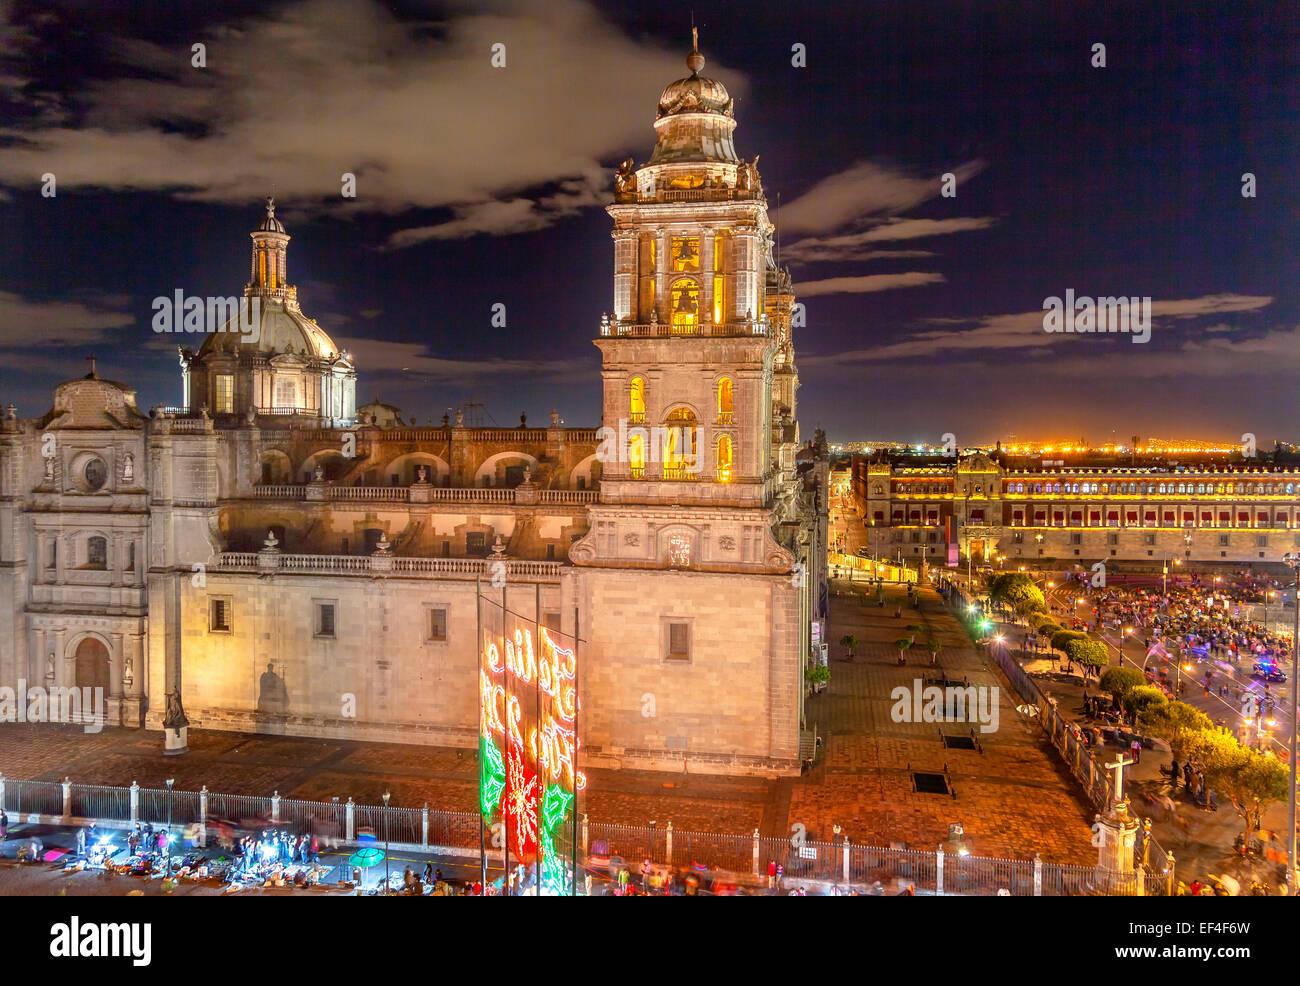 Cattedrale Metropolitana e il Palazzo del Presidente in Zocalo, centro di Città del Messico, a notte Immagini Stock